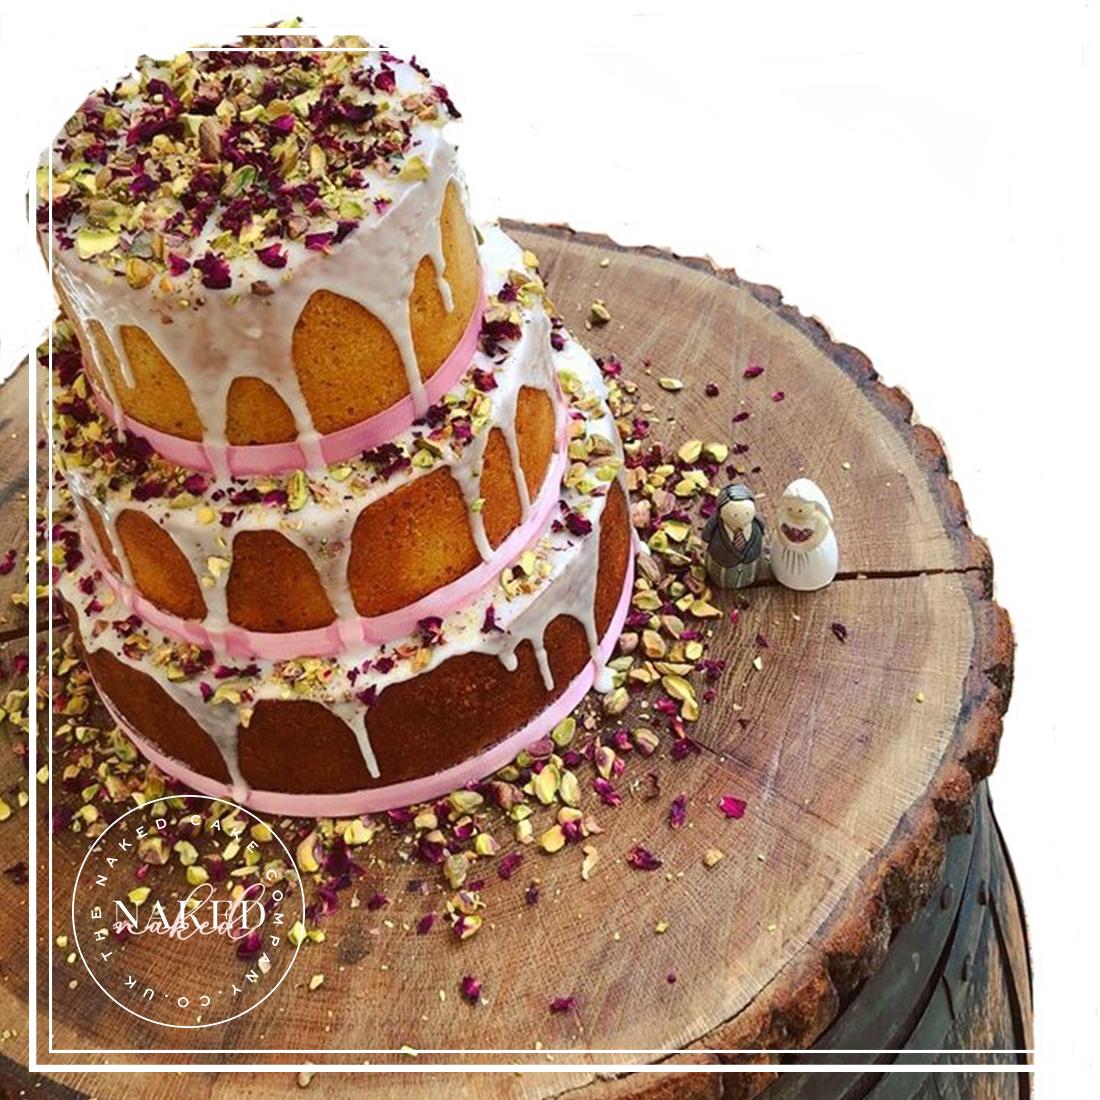 Pistachio & Rose, Lemon Drizzle Cake